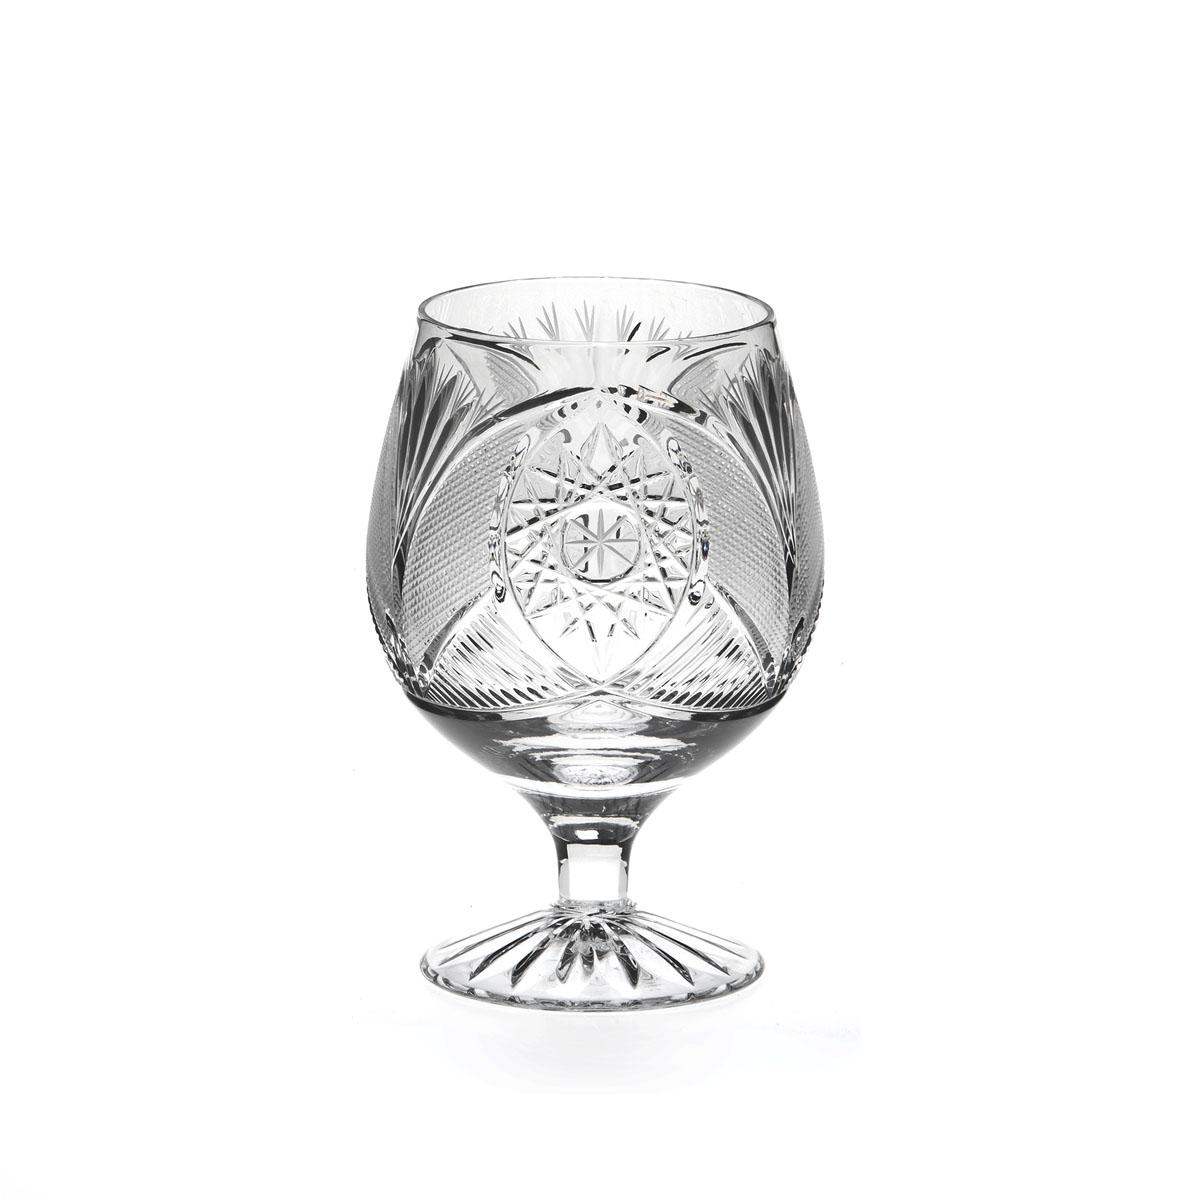 Рюмка Дятьковский хрусталь Совмин, 100 мл. С318/4VT-1520(SR)Хрустальные рюмки - пожалуй самая необходимая и прывичная часть посуды в каждом русском доме. Это посуда сугубо для алкогольных напитков. Вообще существует закономерность - чем крепче спиртной напиток, тем меньше объем рюмки, бокала или стопки. Хрустальные рюмки для водки - самые маленькие, а хрустальный рюмки для ликеров, коктейлей и вина - обычно больше.